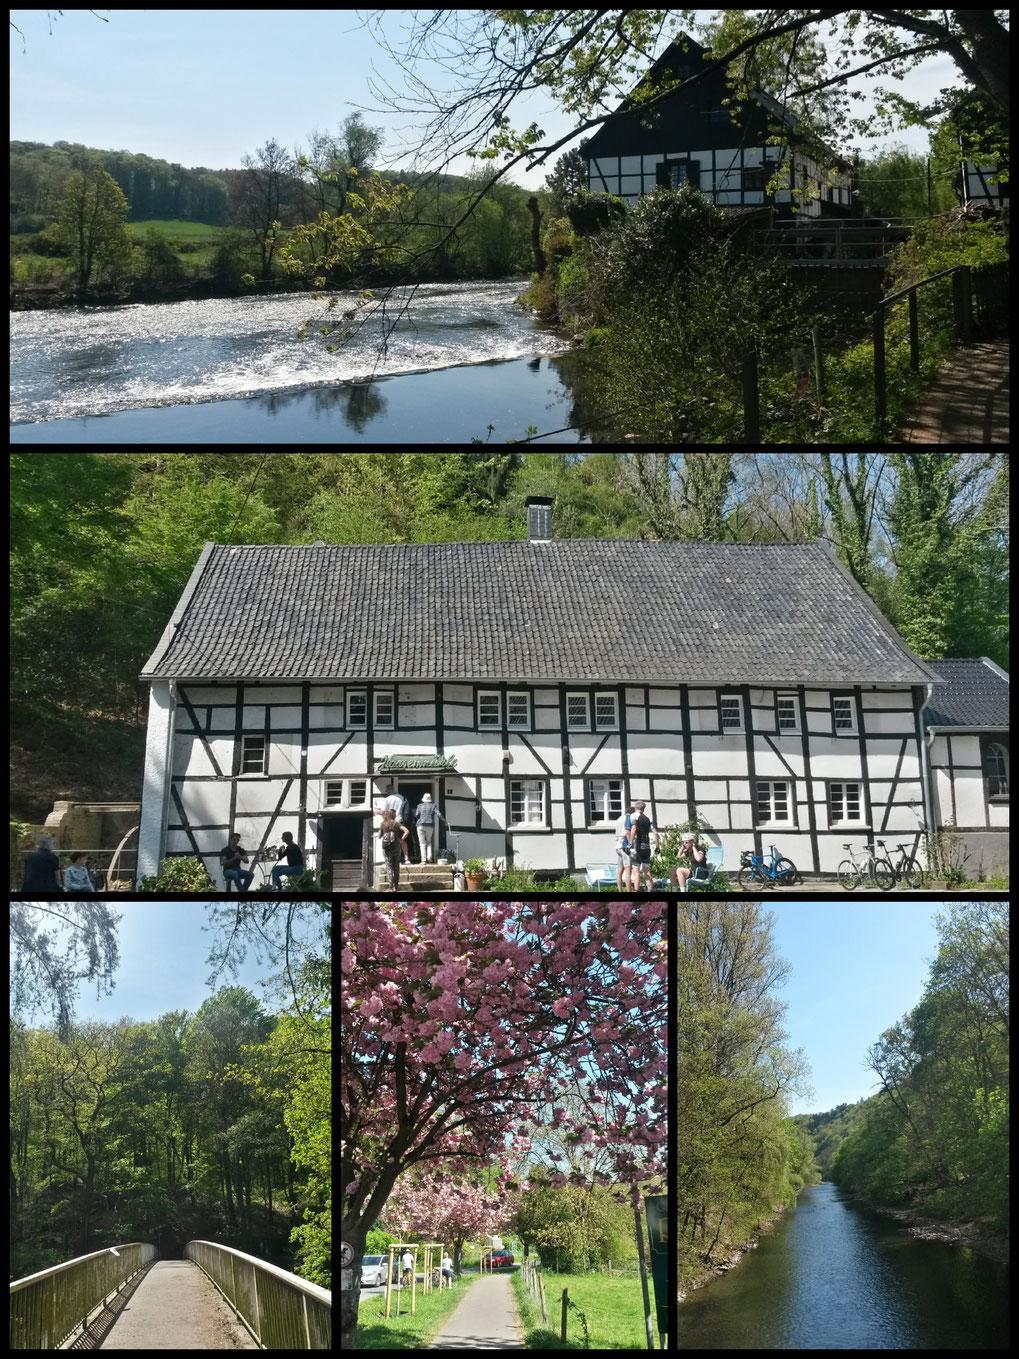 Wupperbrücken, Haasenmühle, Cherry blossom und Wipperkotten - nur einige Highlights dieser fantastischen Tour